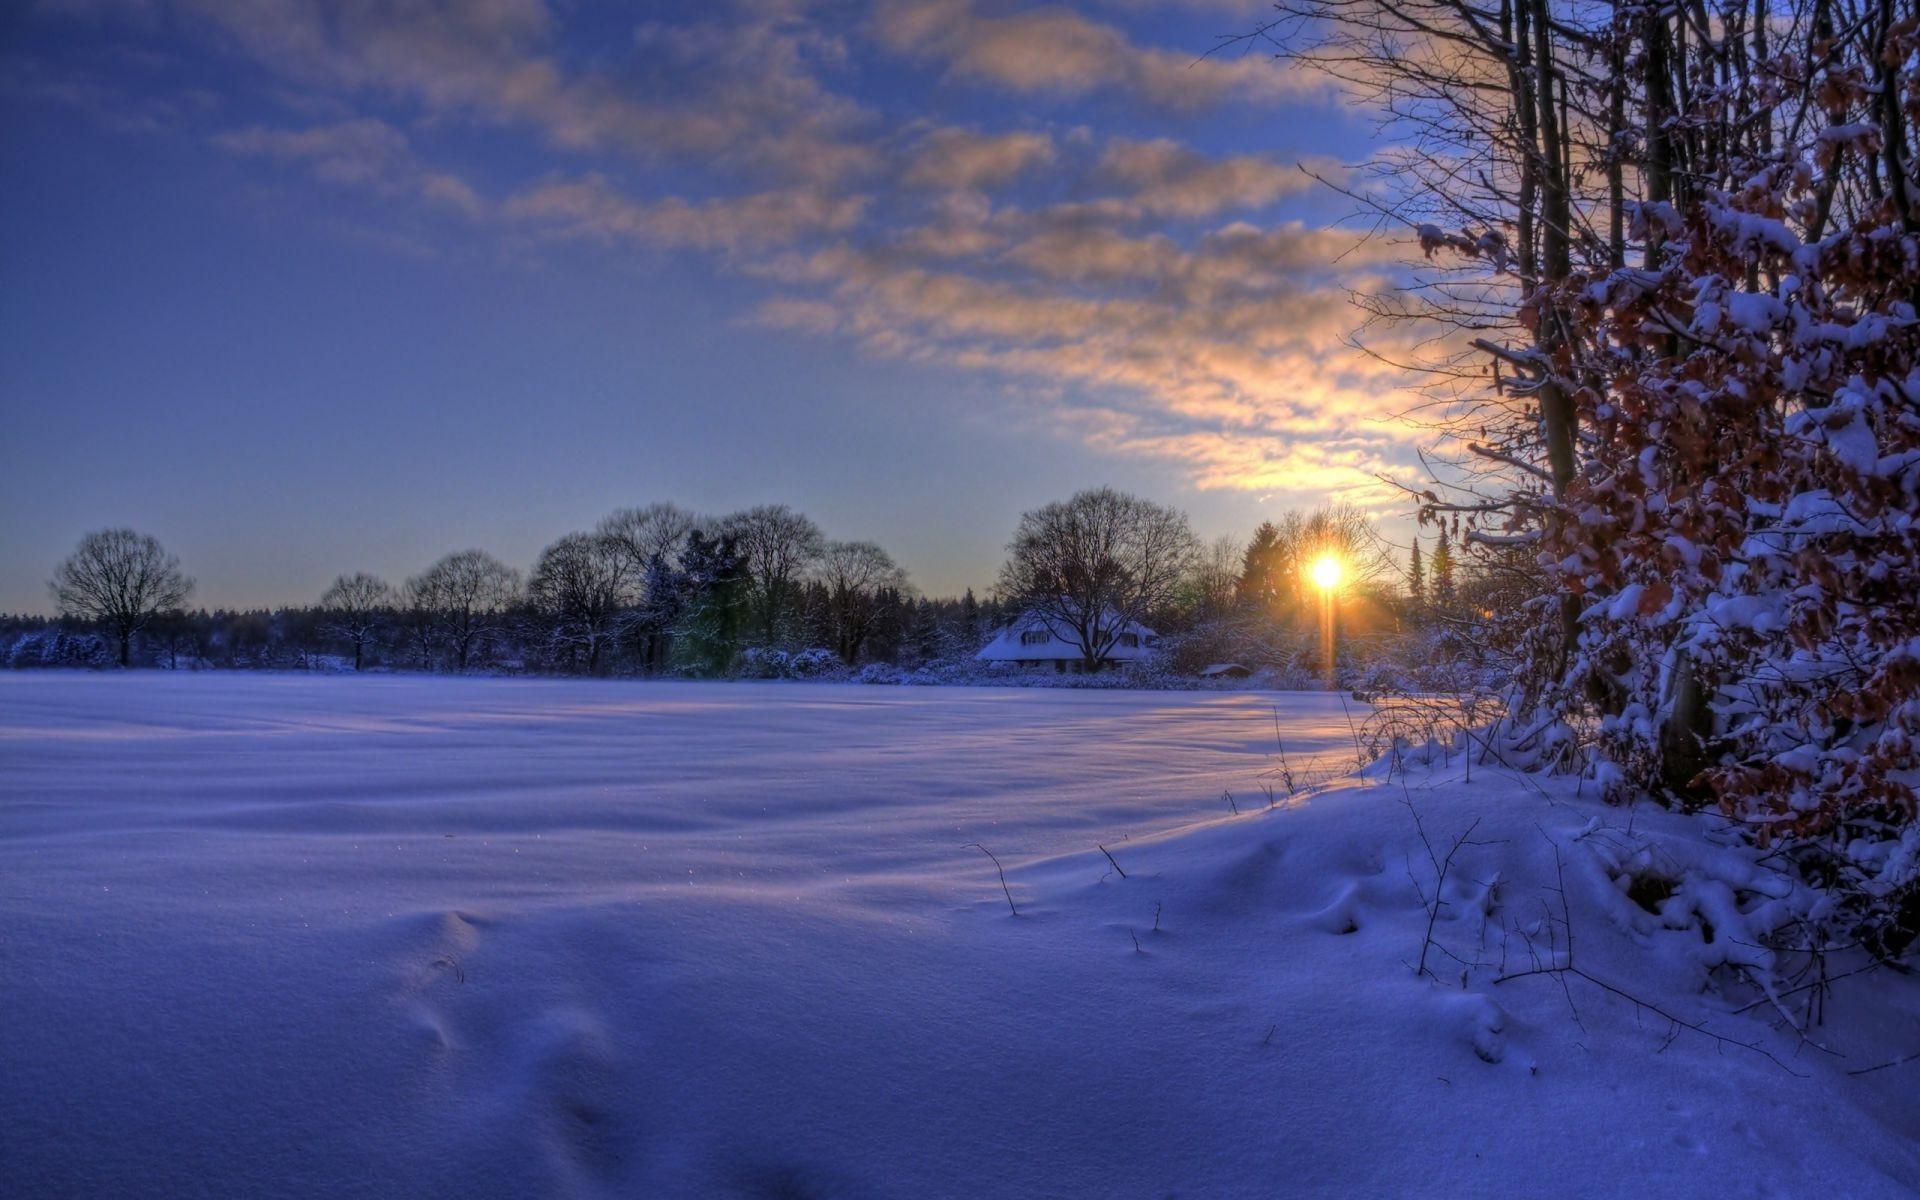 Картинки раннего утра зимой